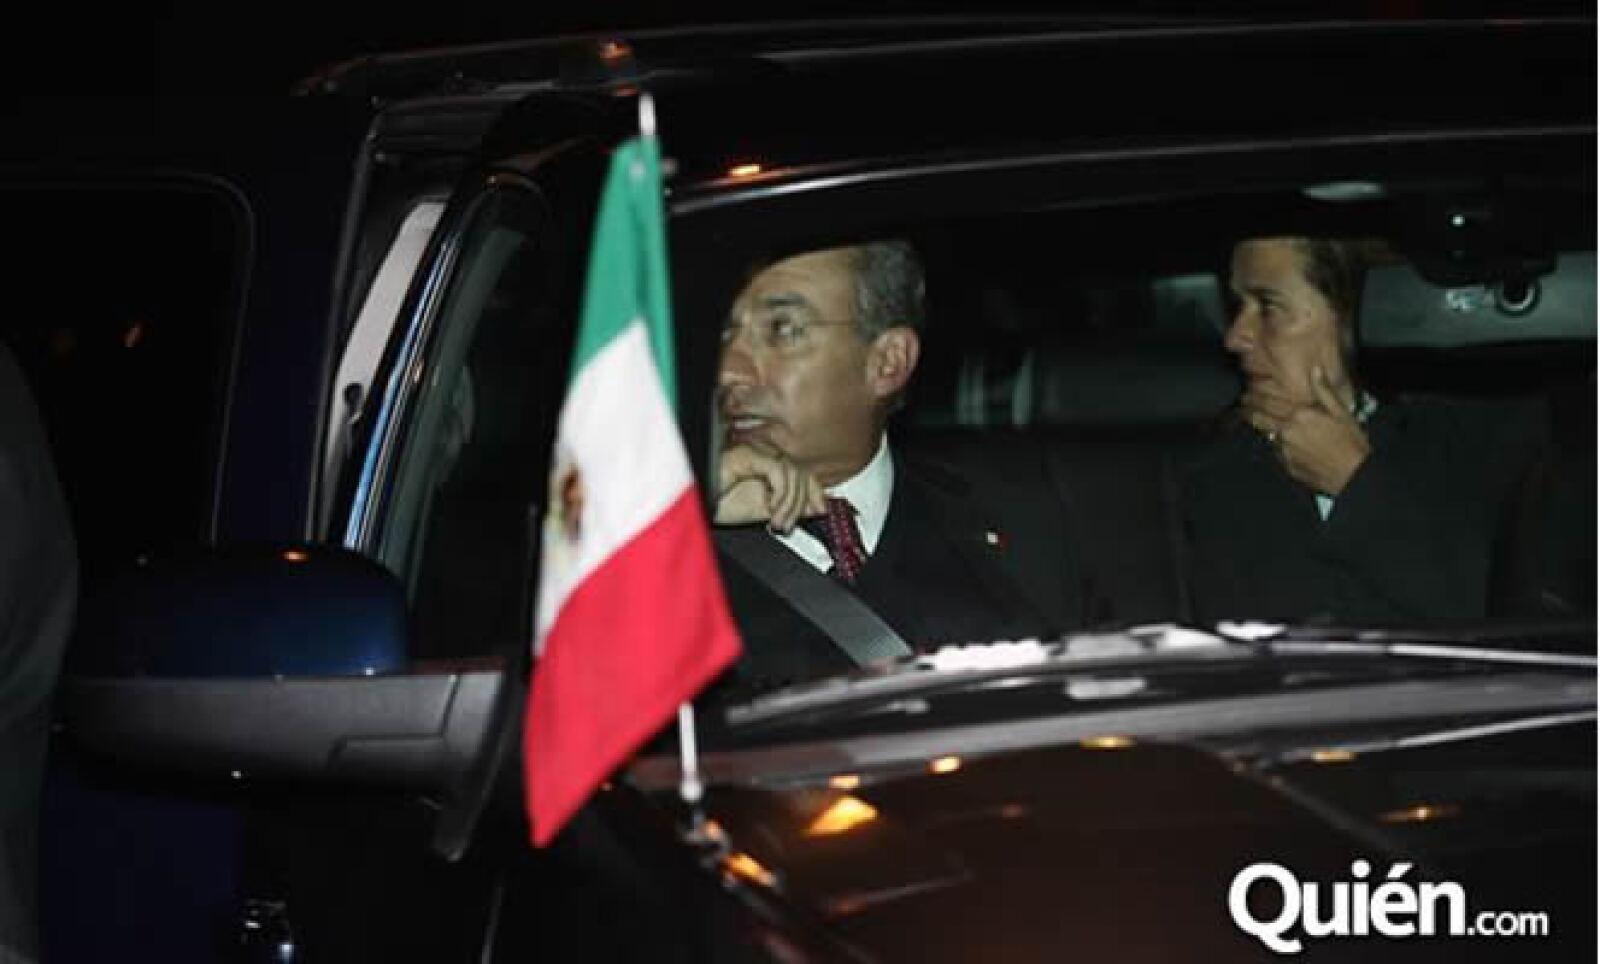 El velorio de la familia Saba se efectuó este lunes, el último adiós del empresario Moisés Saba estuvo engalanado de importantes personajes. En la foto, el presidente Felipe Calderón y su esposa.